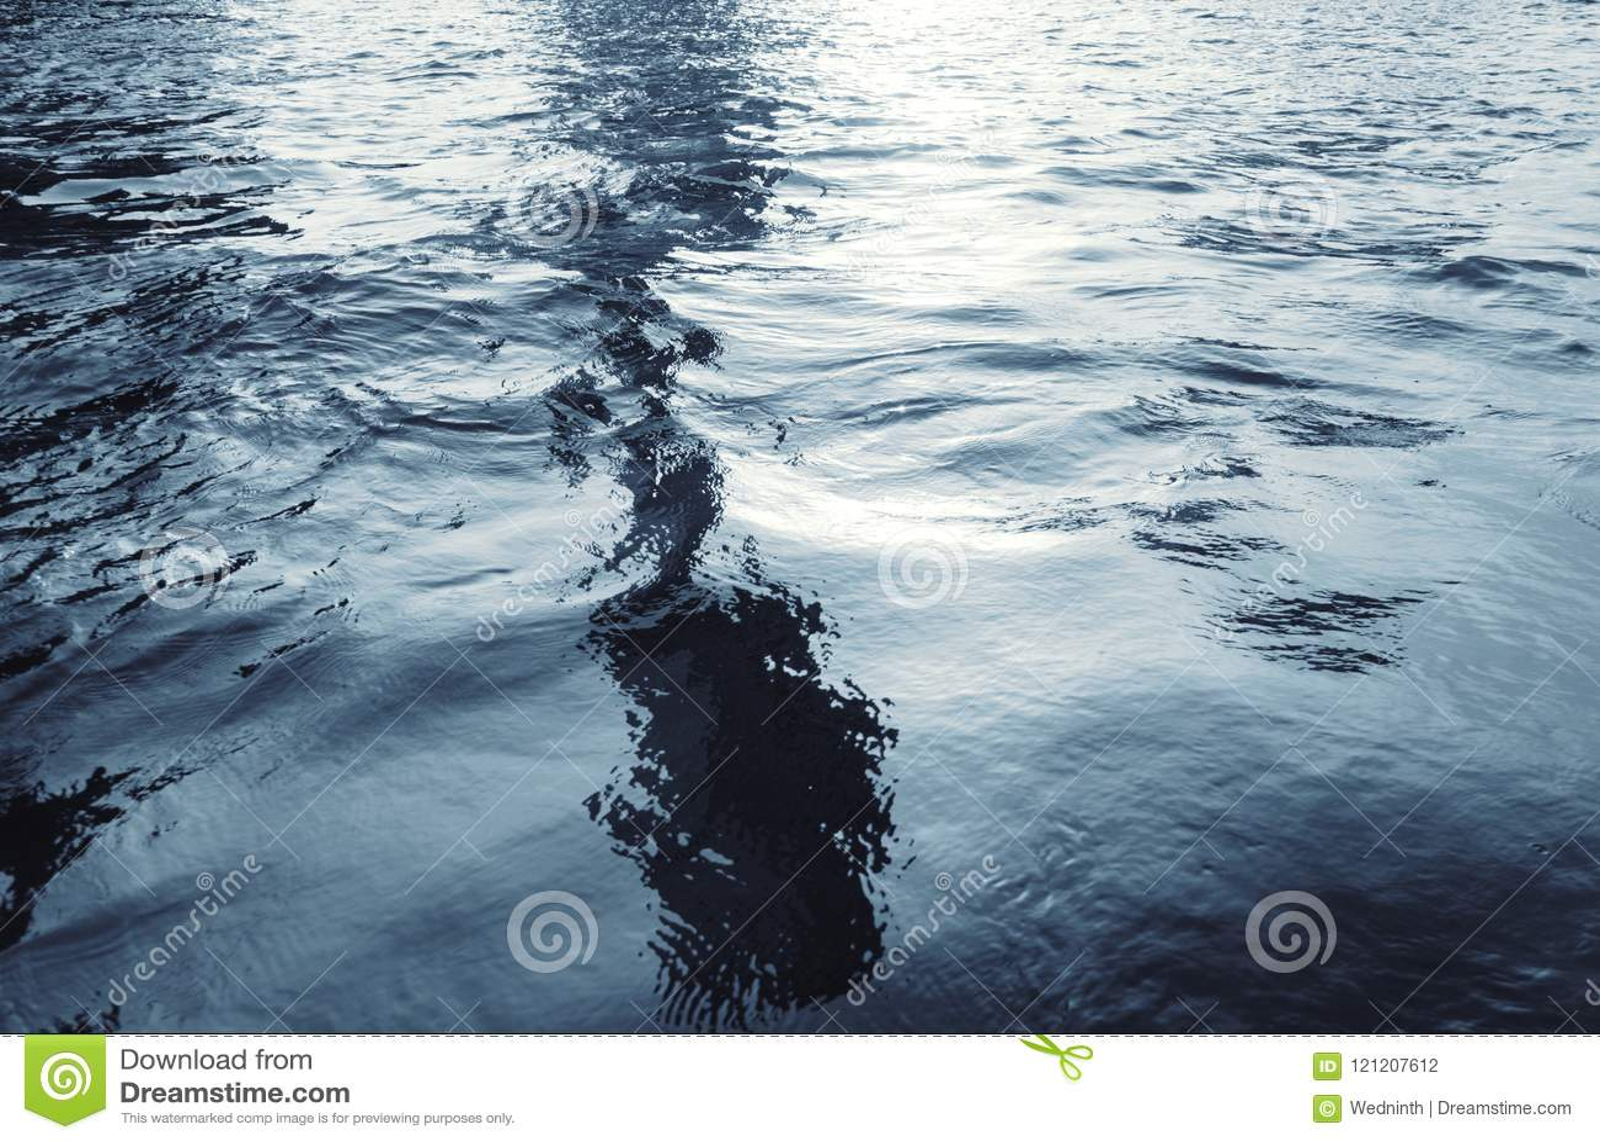 Επιφάνεια νερού με τους κυματισμούς και τις αντανακλάσεις φωτός του ήλιου